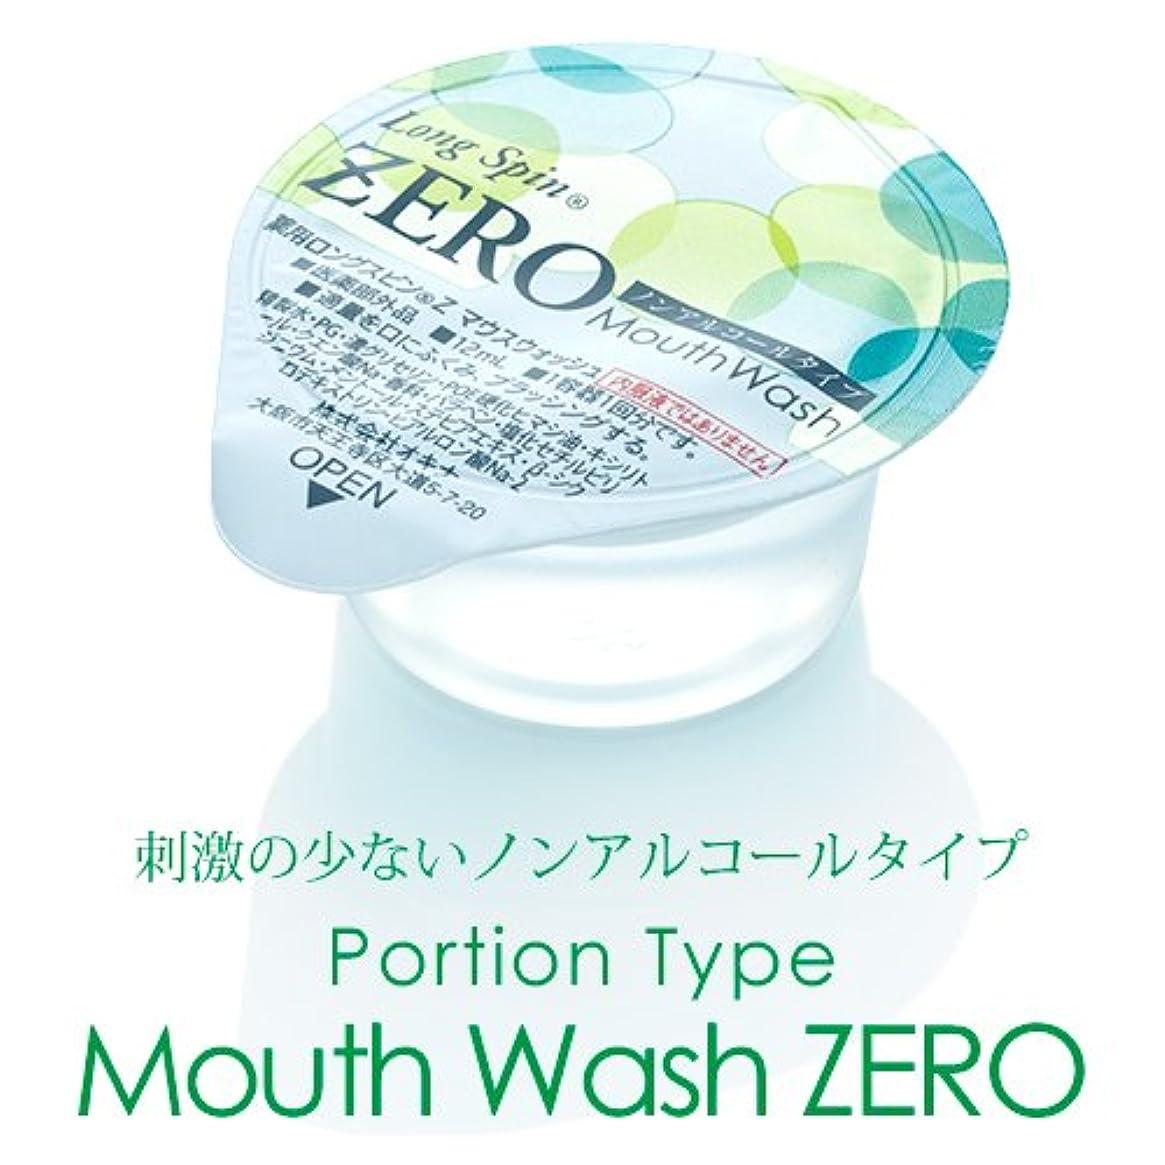 クラウン添付マスク薬用マウスウォッシュ Long Spin(ロングスピン) ZERO 1箱(100個) 【医薬部外品】